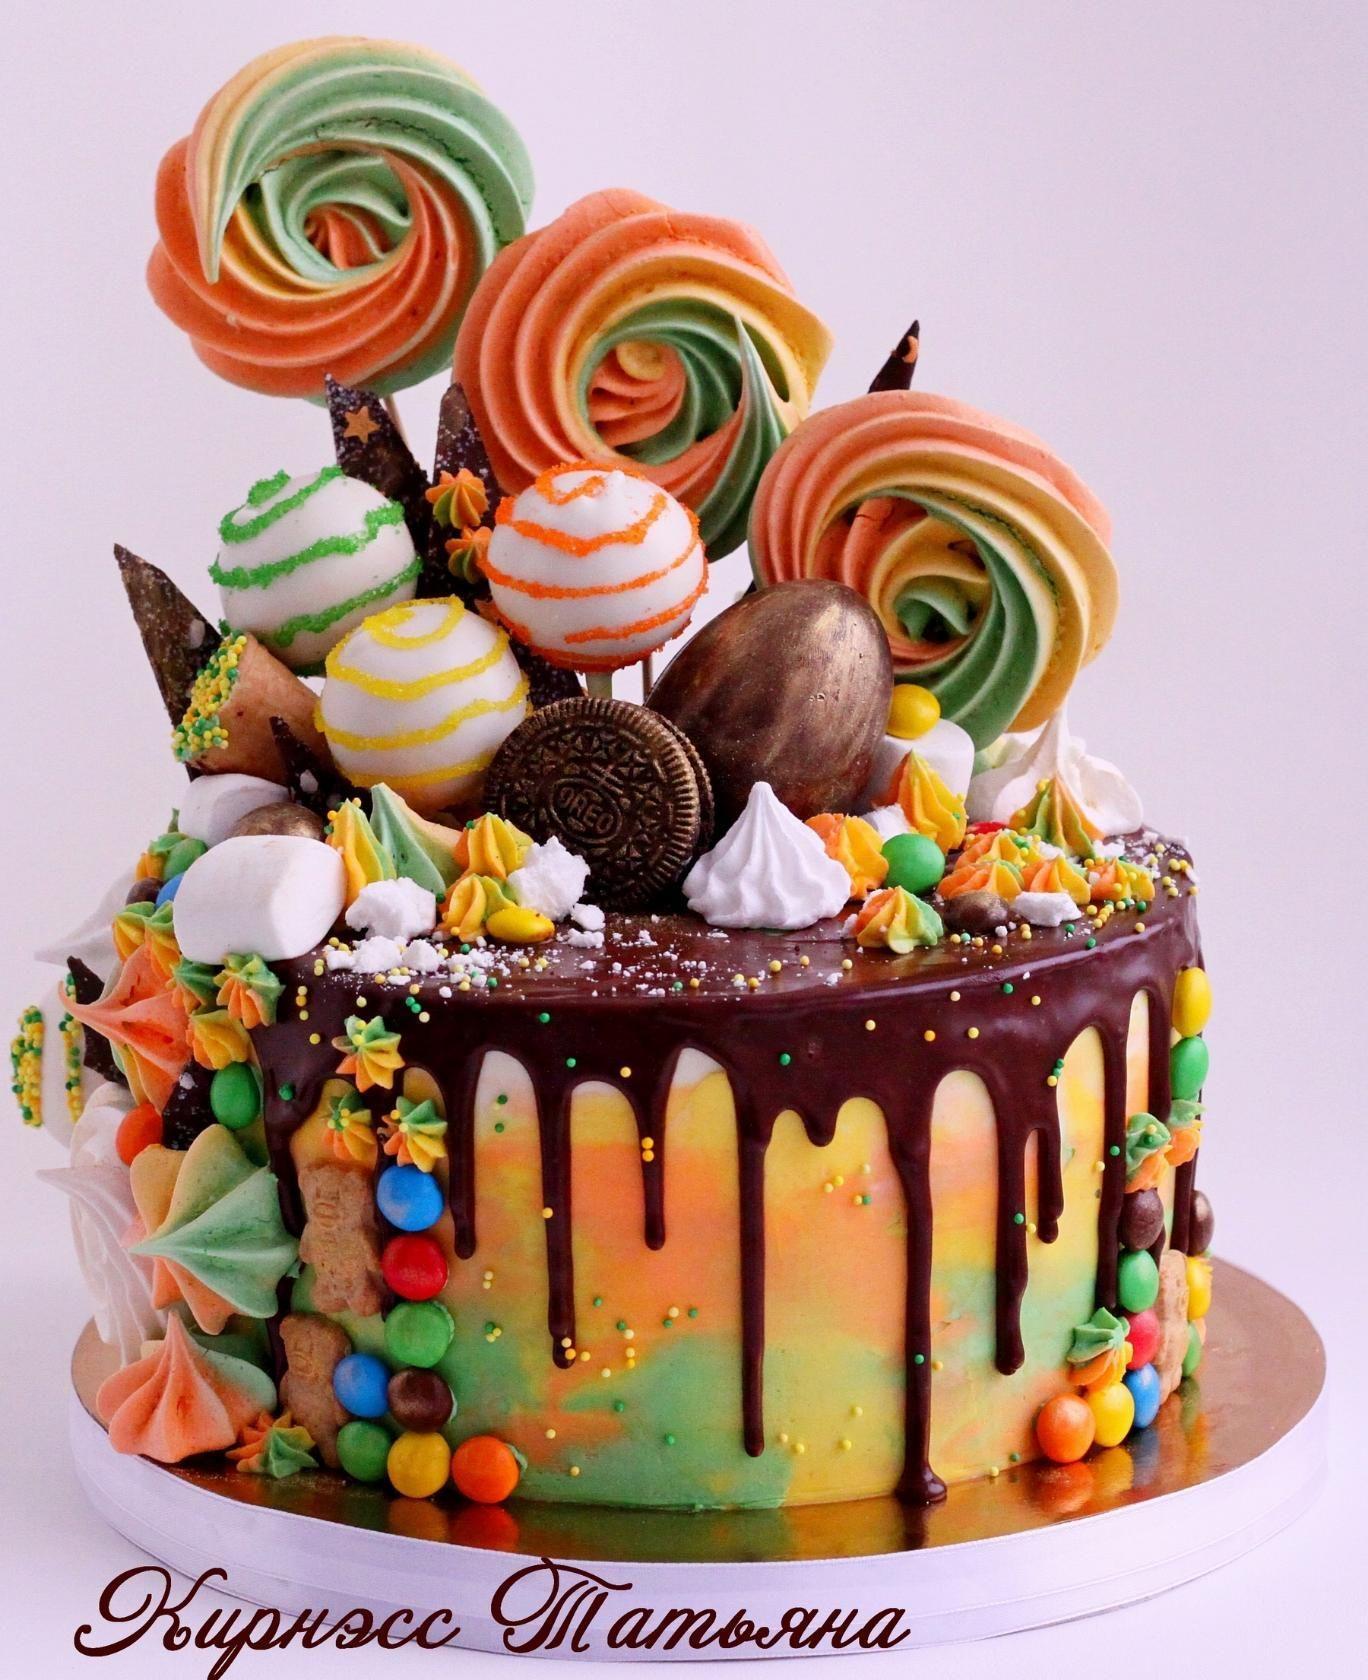 Красивые картинки для украшения торта